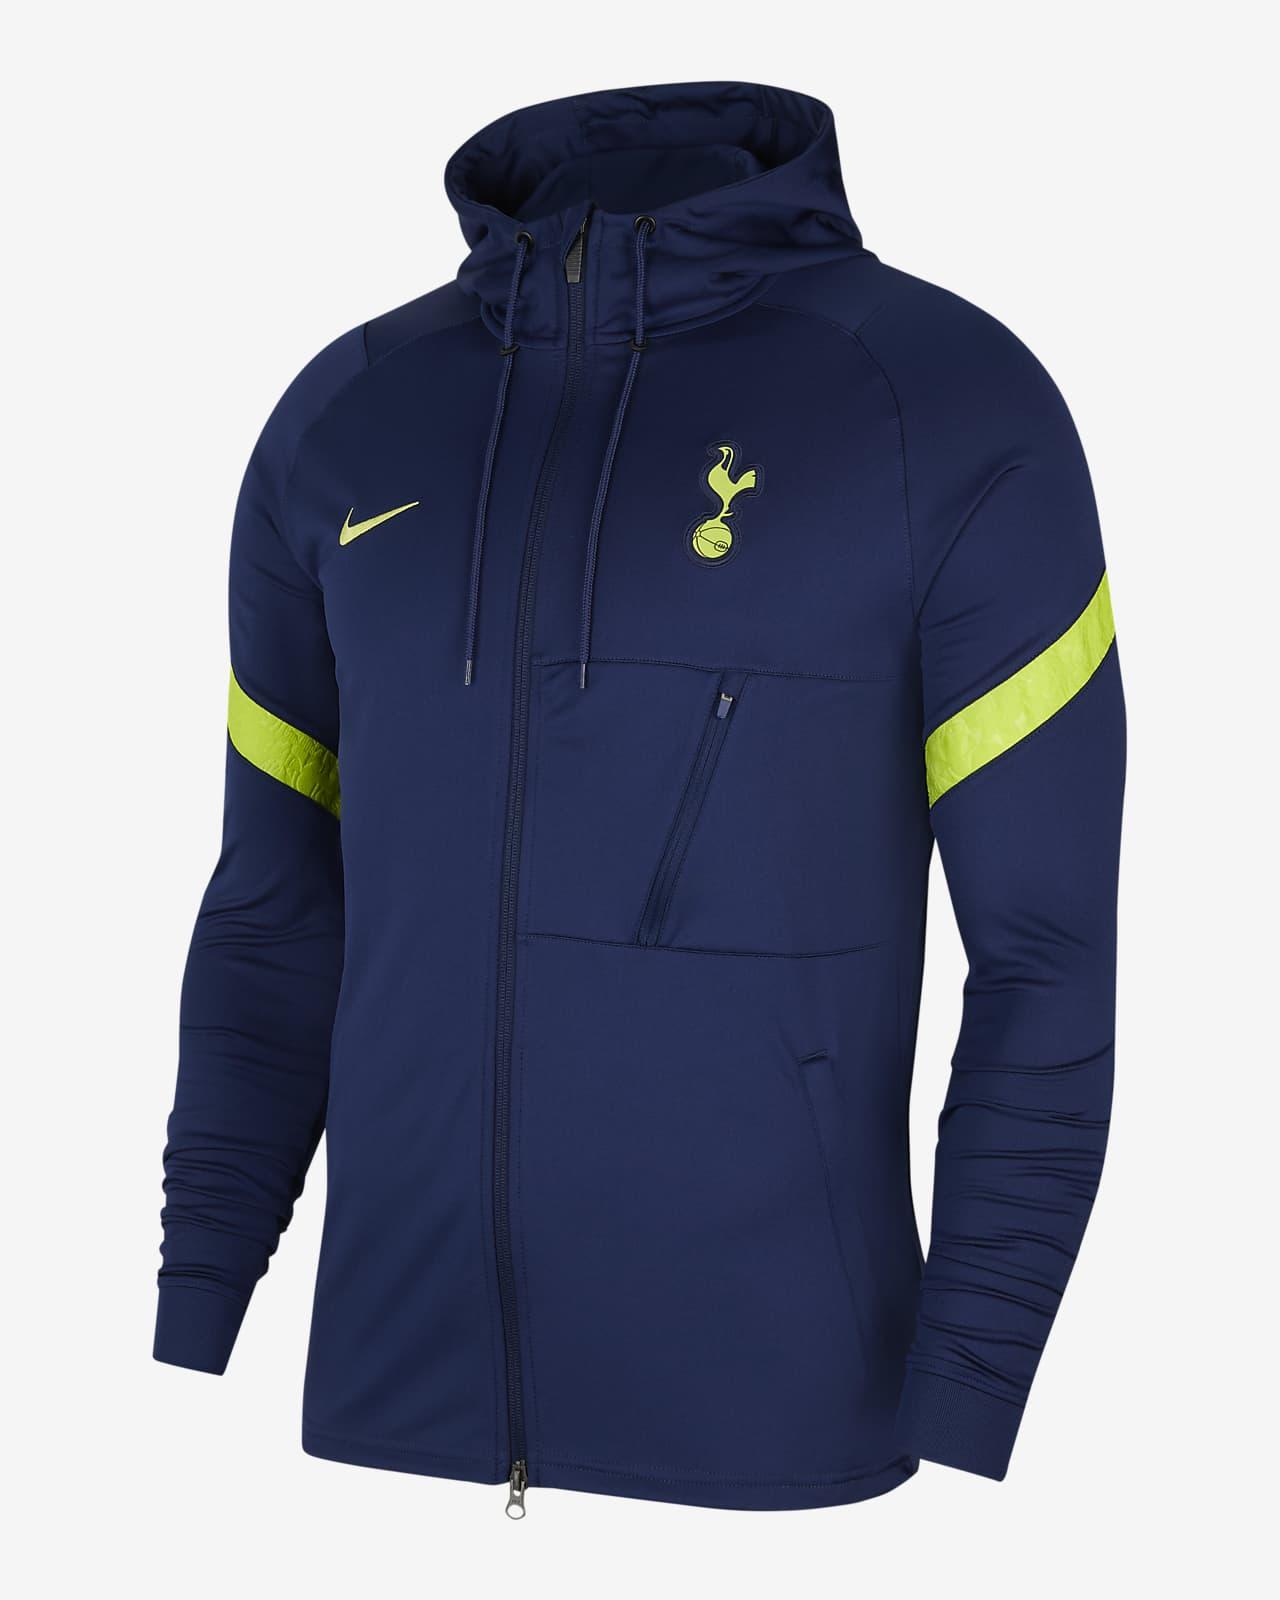 Tottenham Hotspur Strike Nike Dri-FIT Fußball-Track-Jacket für Herren aus Strickmaterial